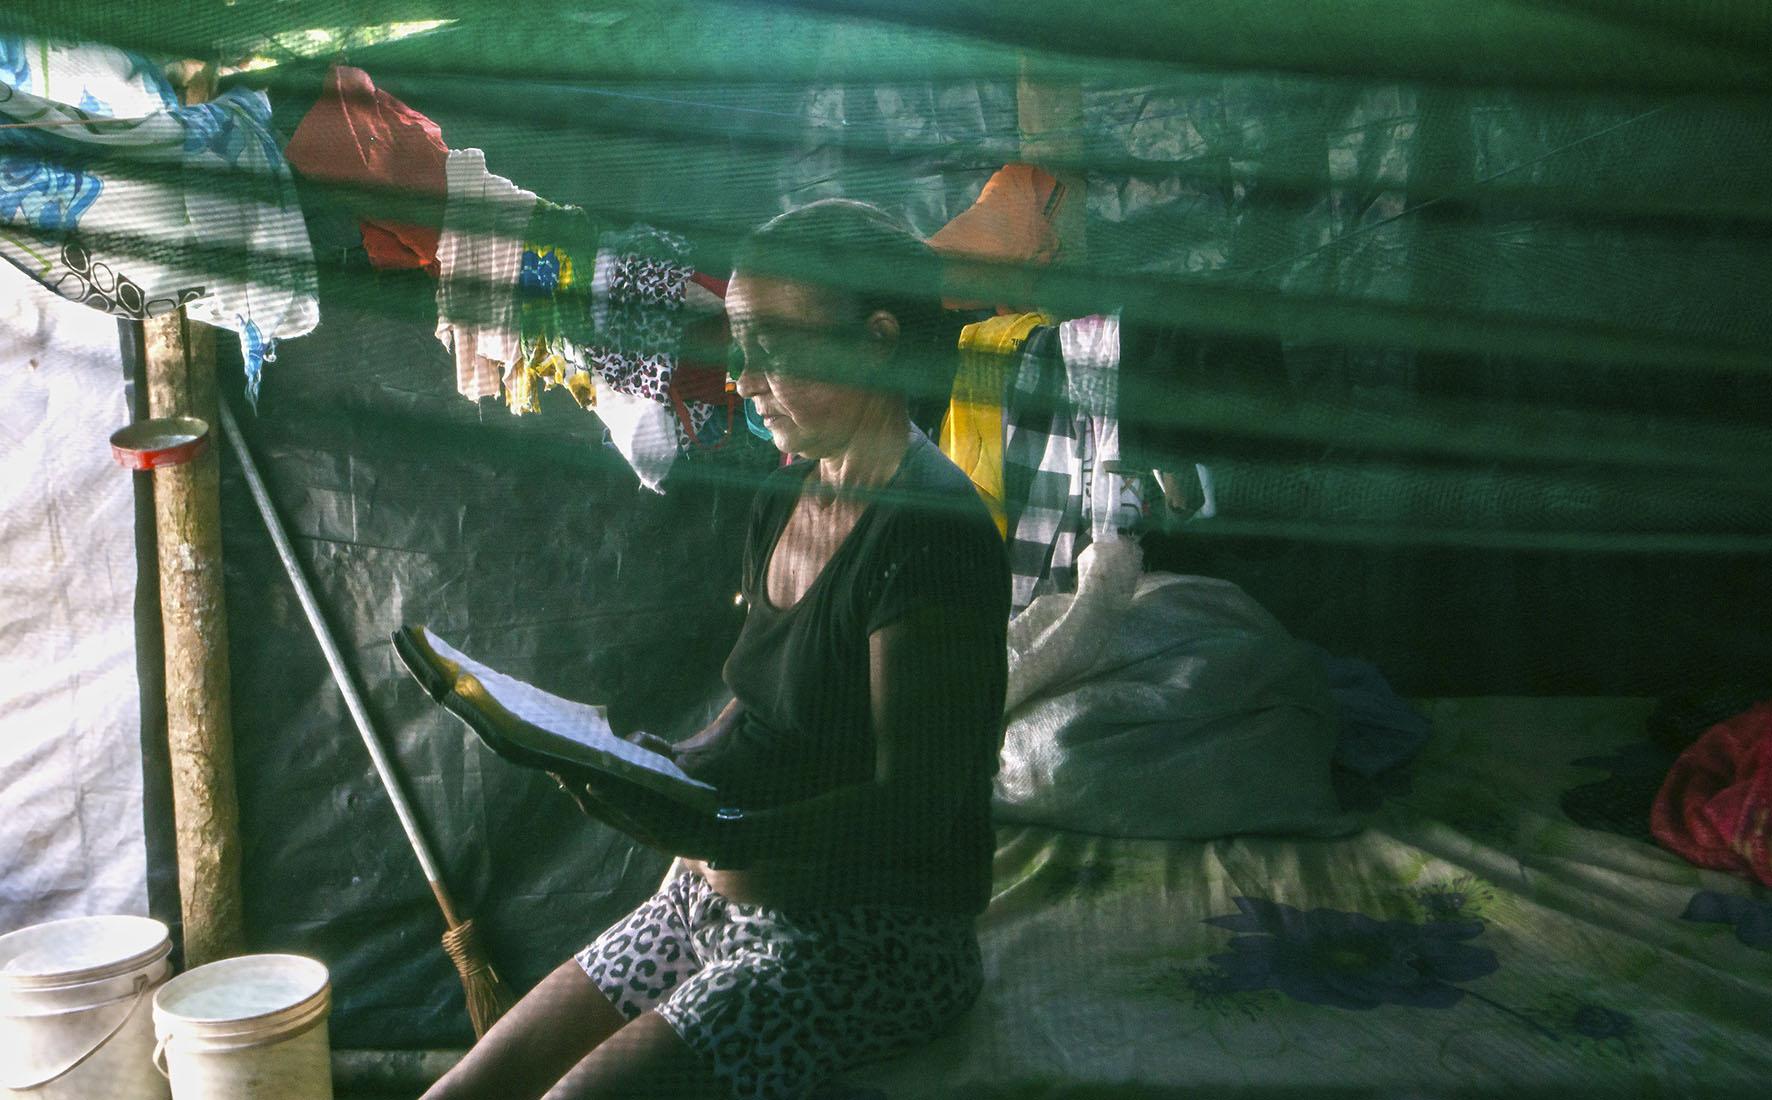 """Cozinheira lê a bíblia no """"fuscão"""", apelido dado ao único ambiente com cama e fechado por paredes"""